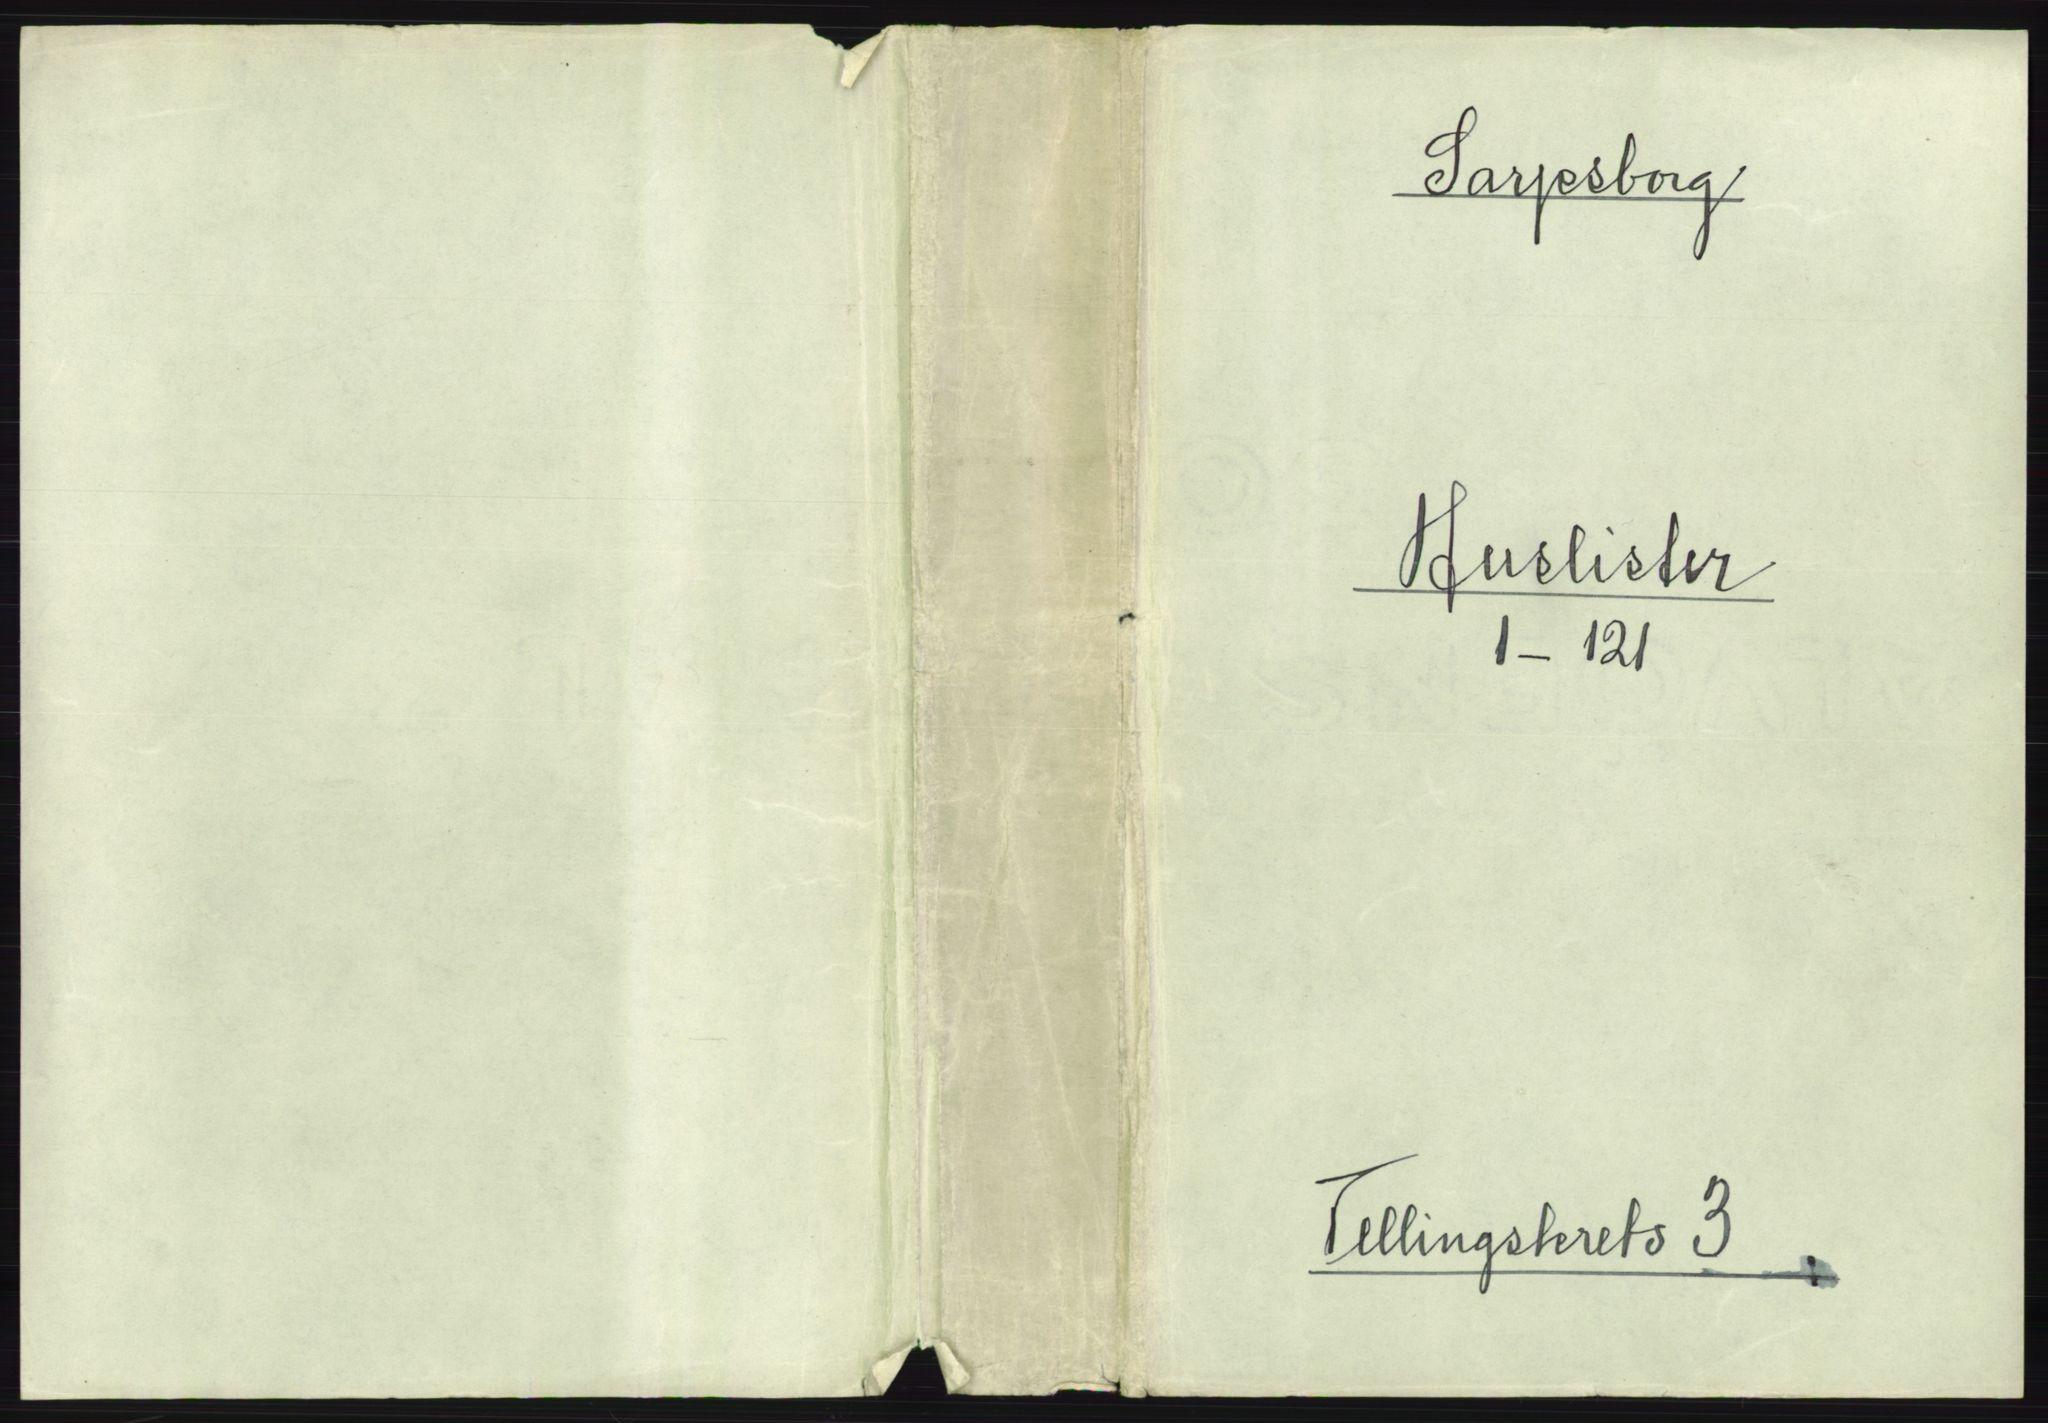 RA, Folketelling 1891 for 0102 Sarpsborg kjøpstad, 1891, s. 2188